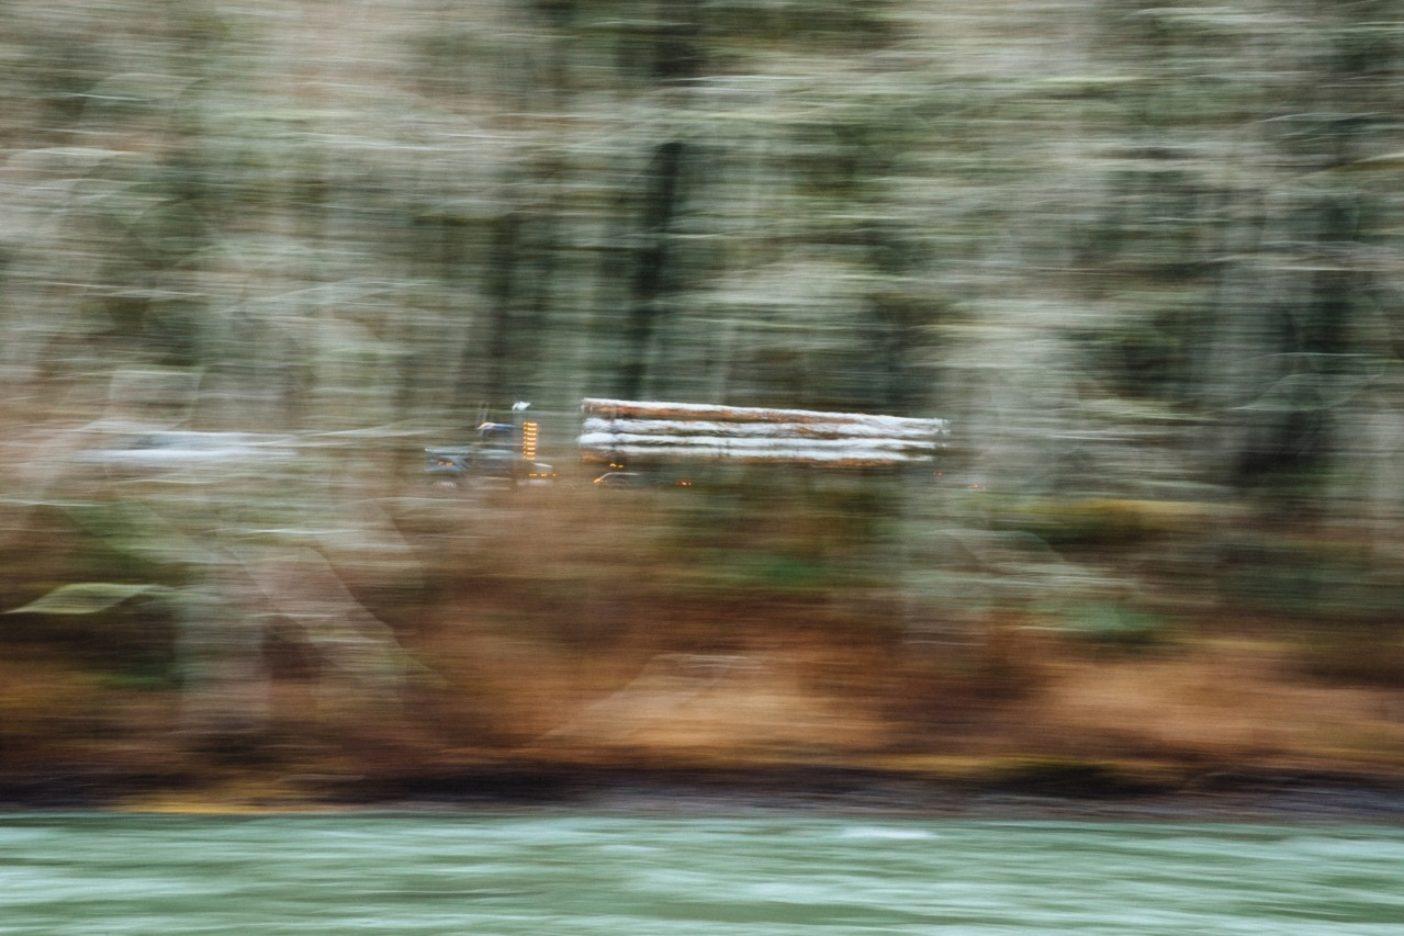 オレゴン州北岸沿い、木材産業は決して遠くない。Photo:Jeremy Koreski